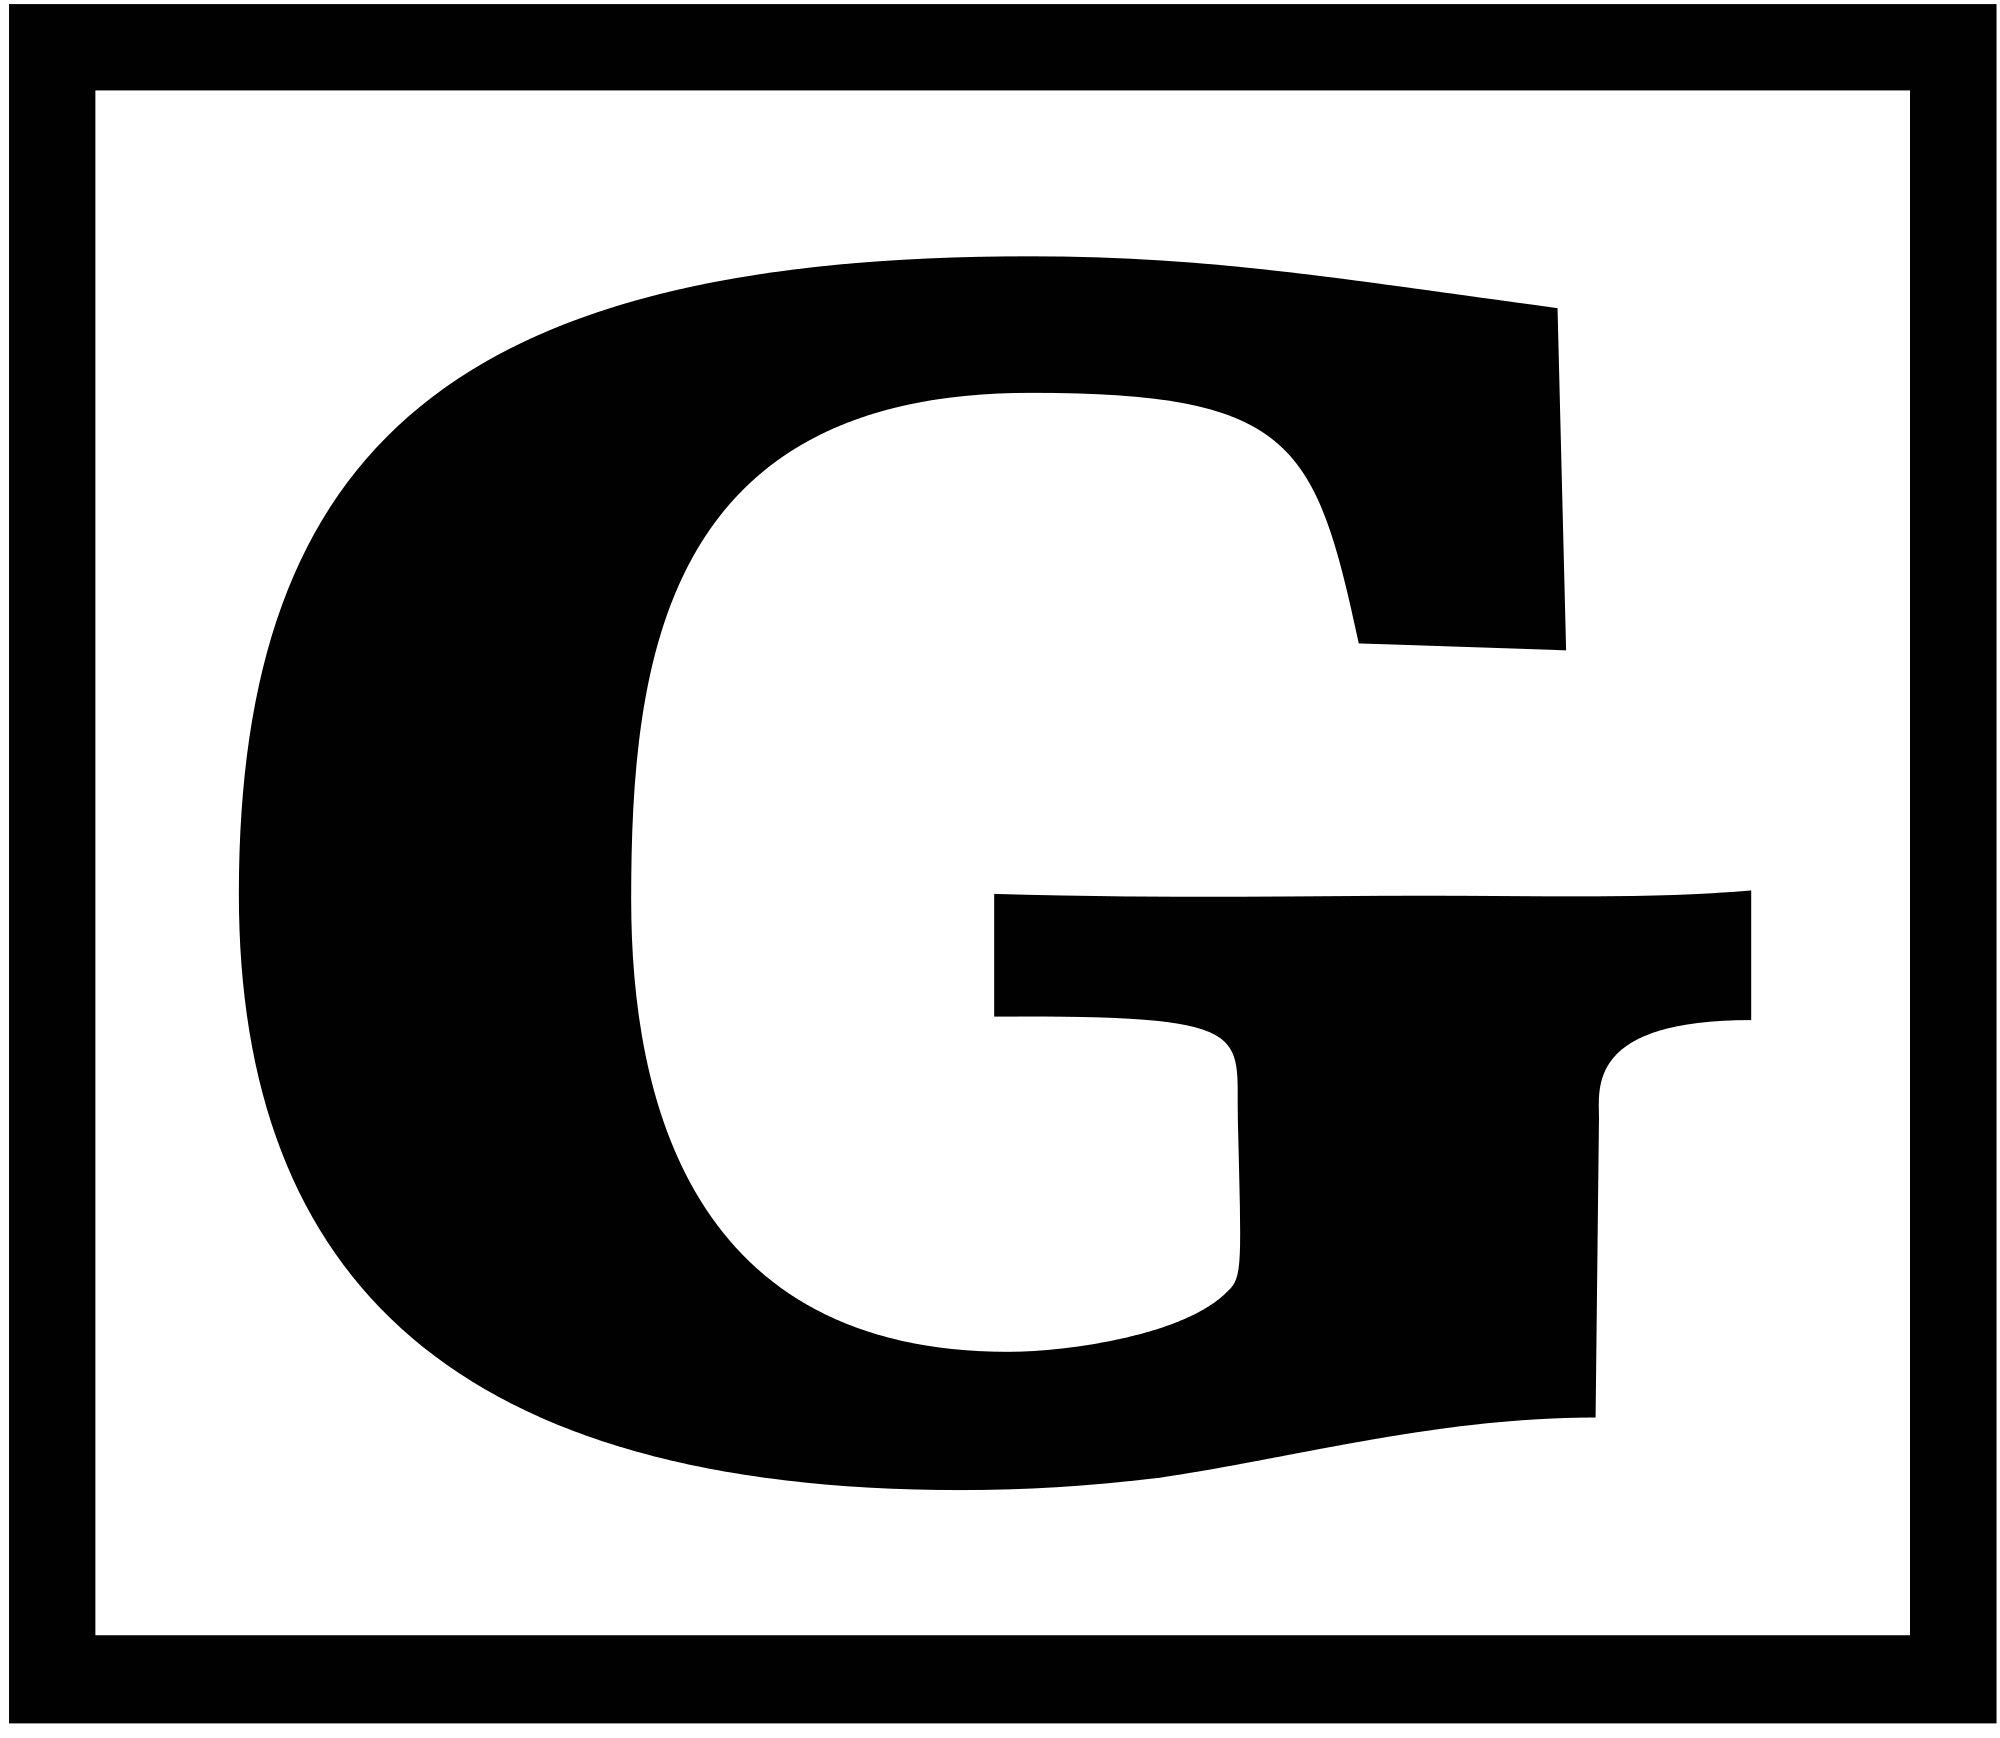 Symbol in literature g. Clipart definition informal interview